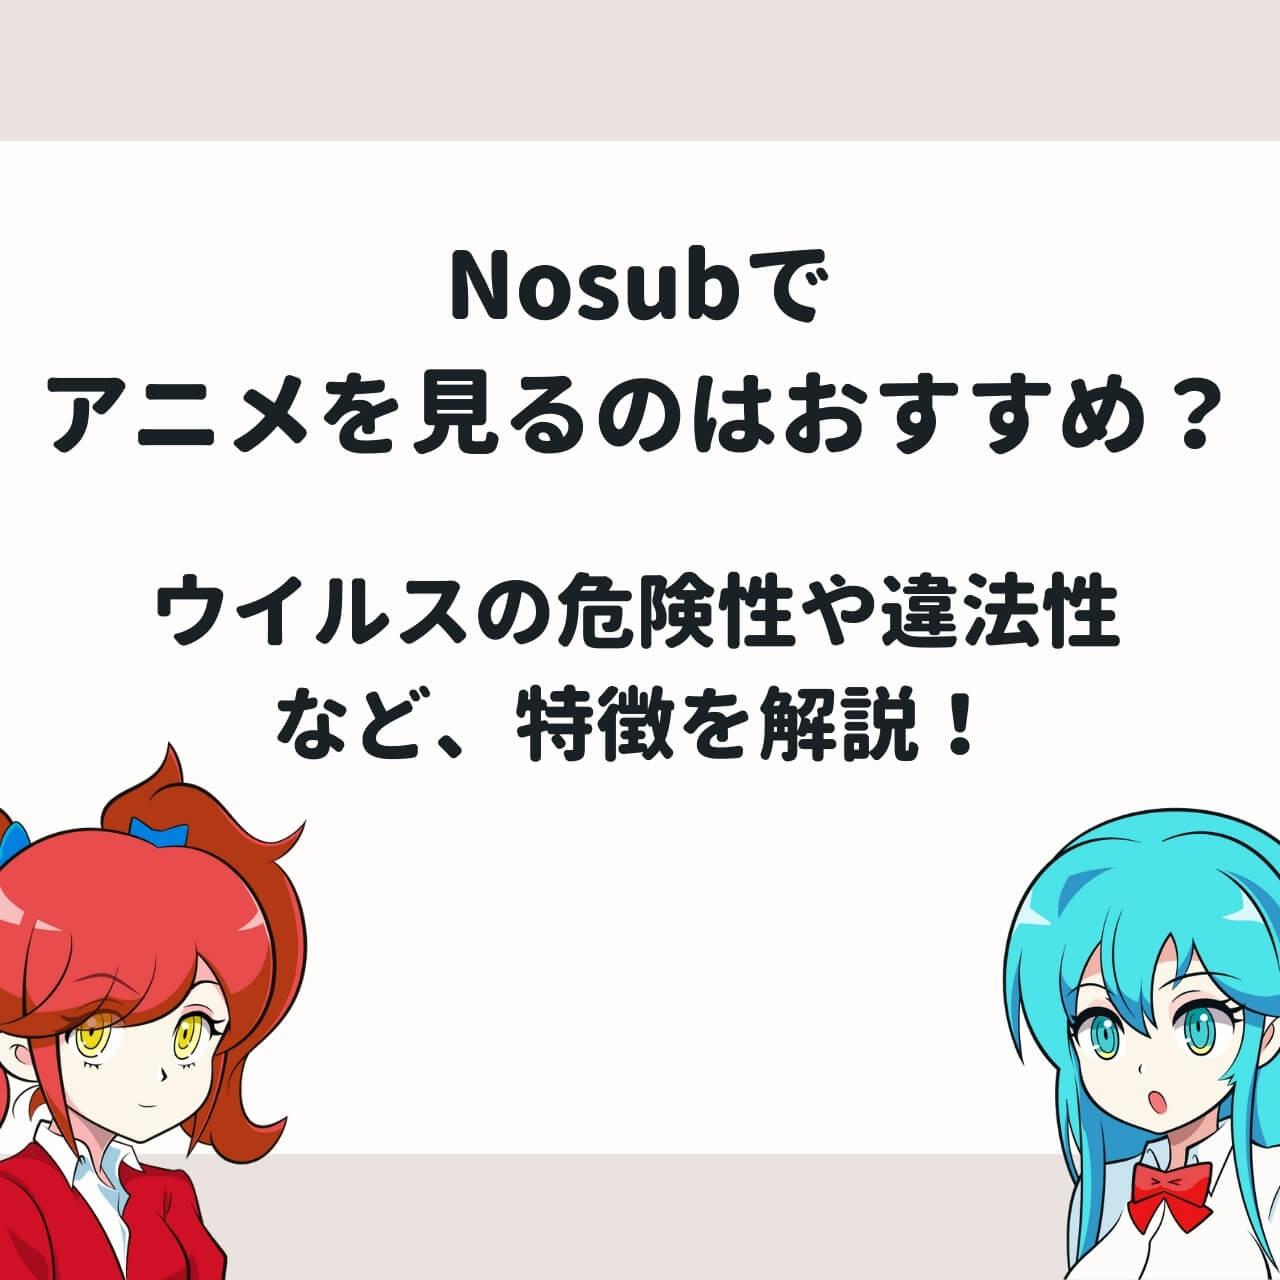 Nosubでアニメを見るのはおすすめ?ウイルスの危険性や違法性など、特徴を解説!